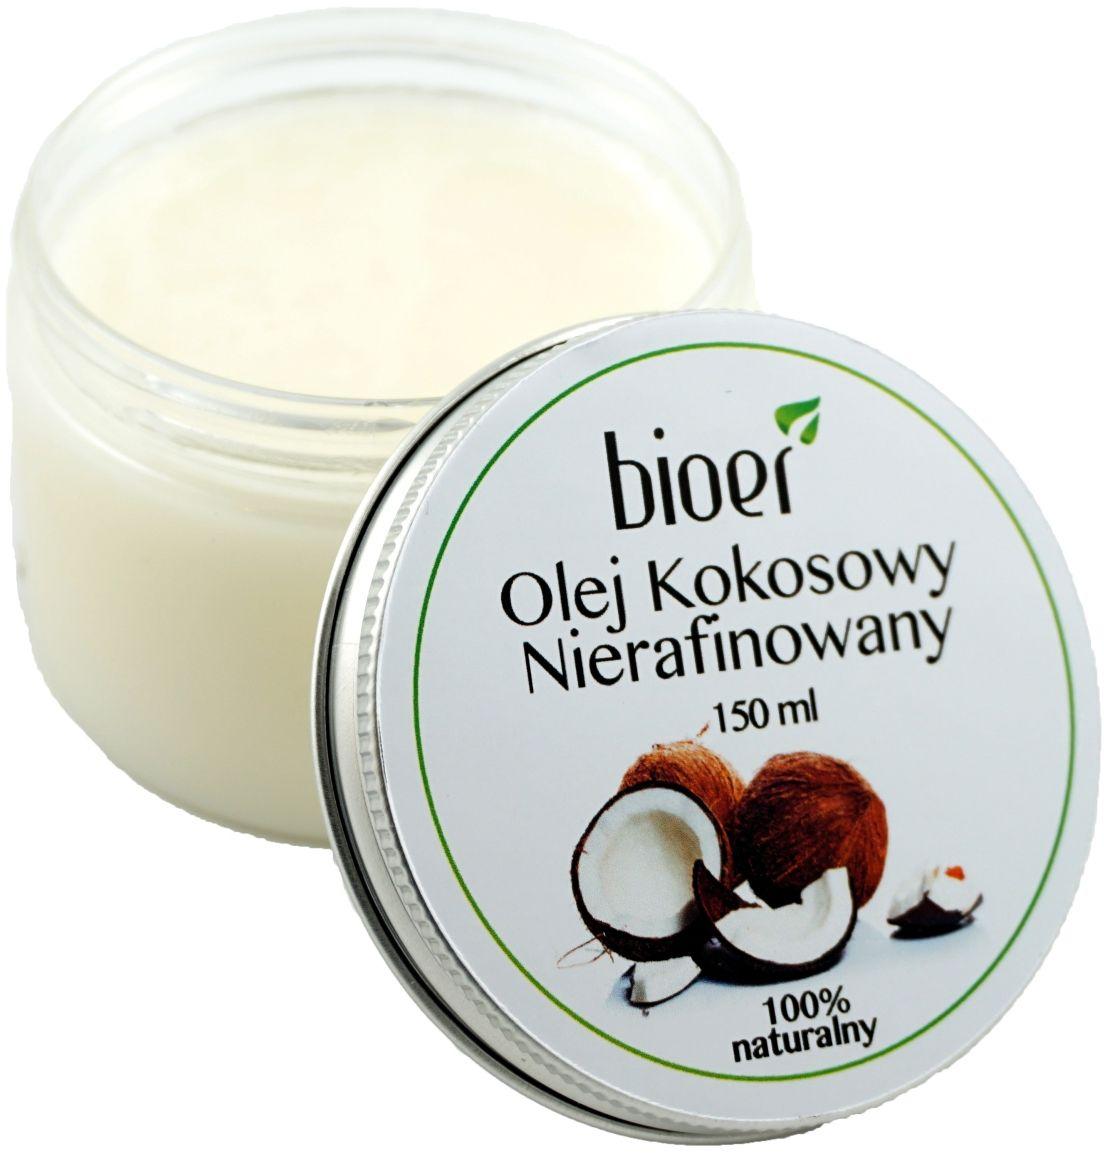 Olej kokosowy nierafinowany - 120ml - Bioer